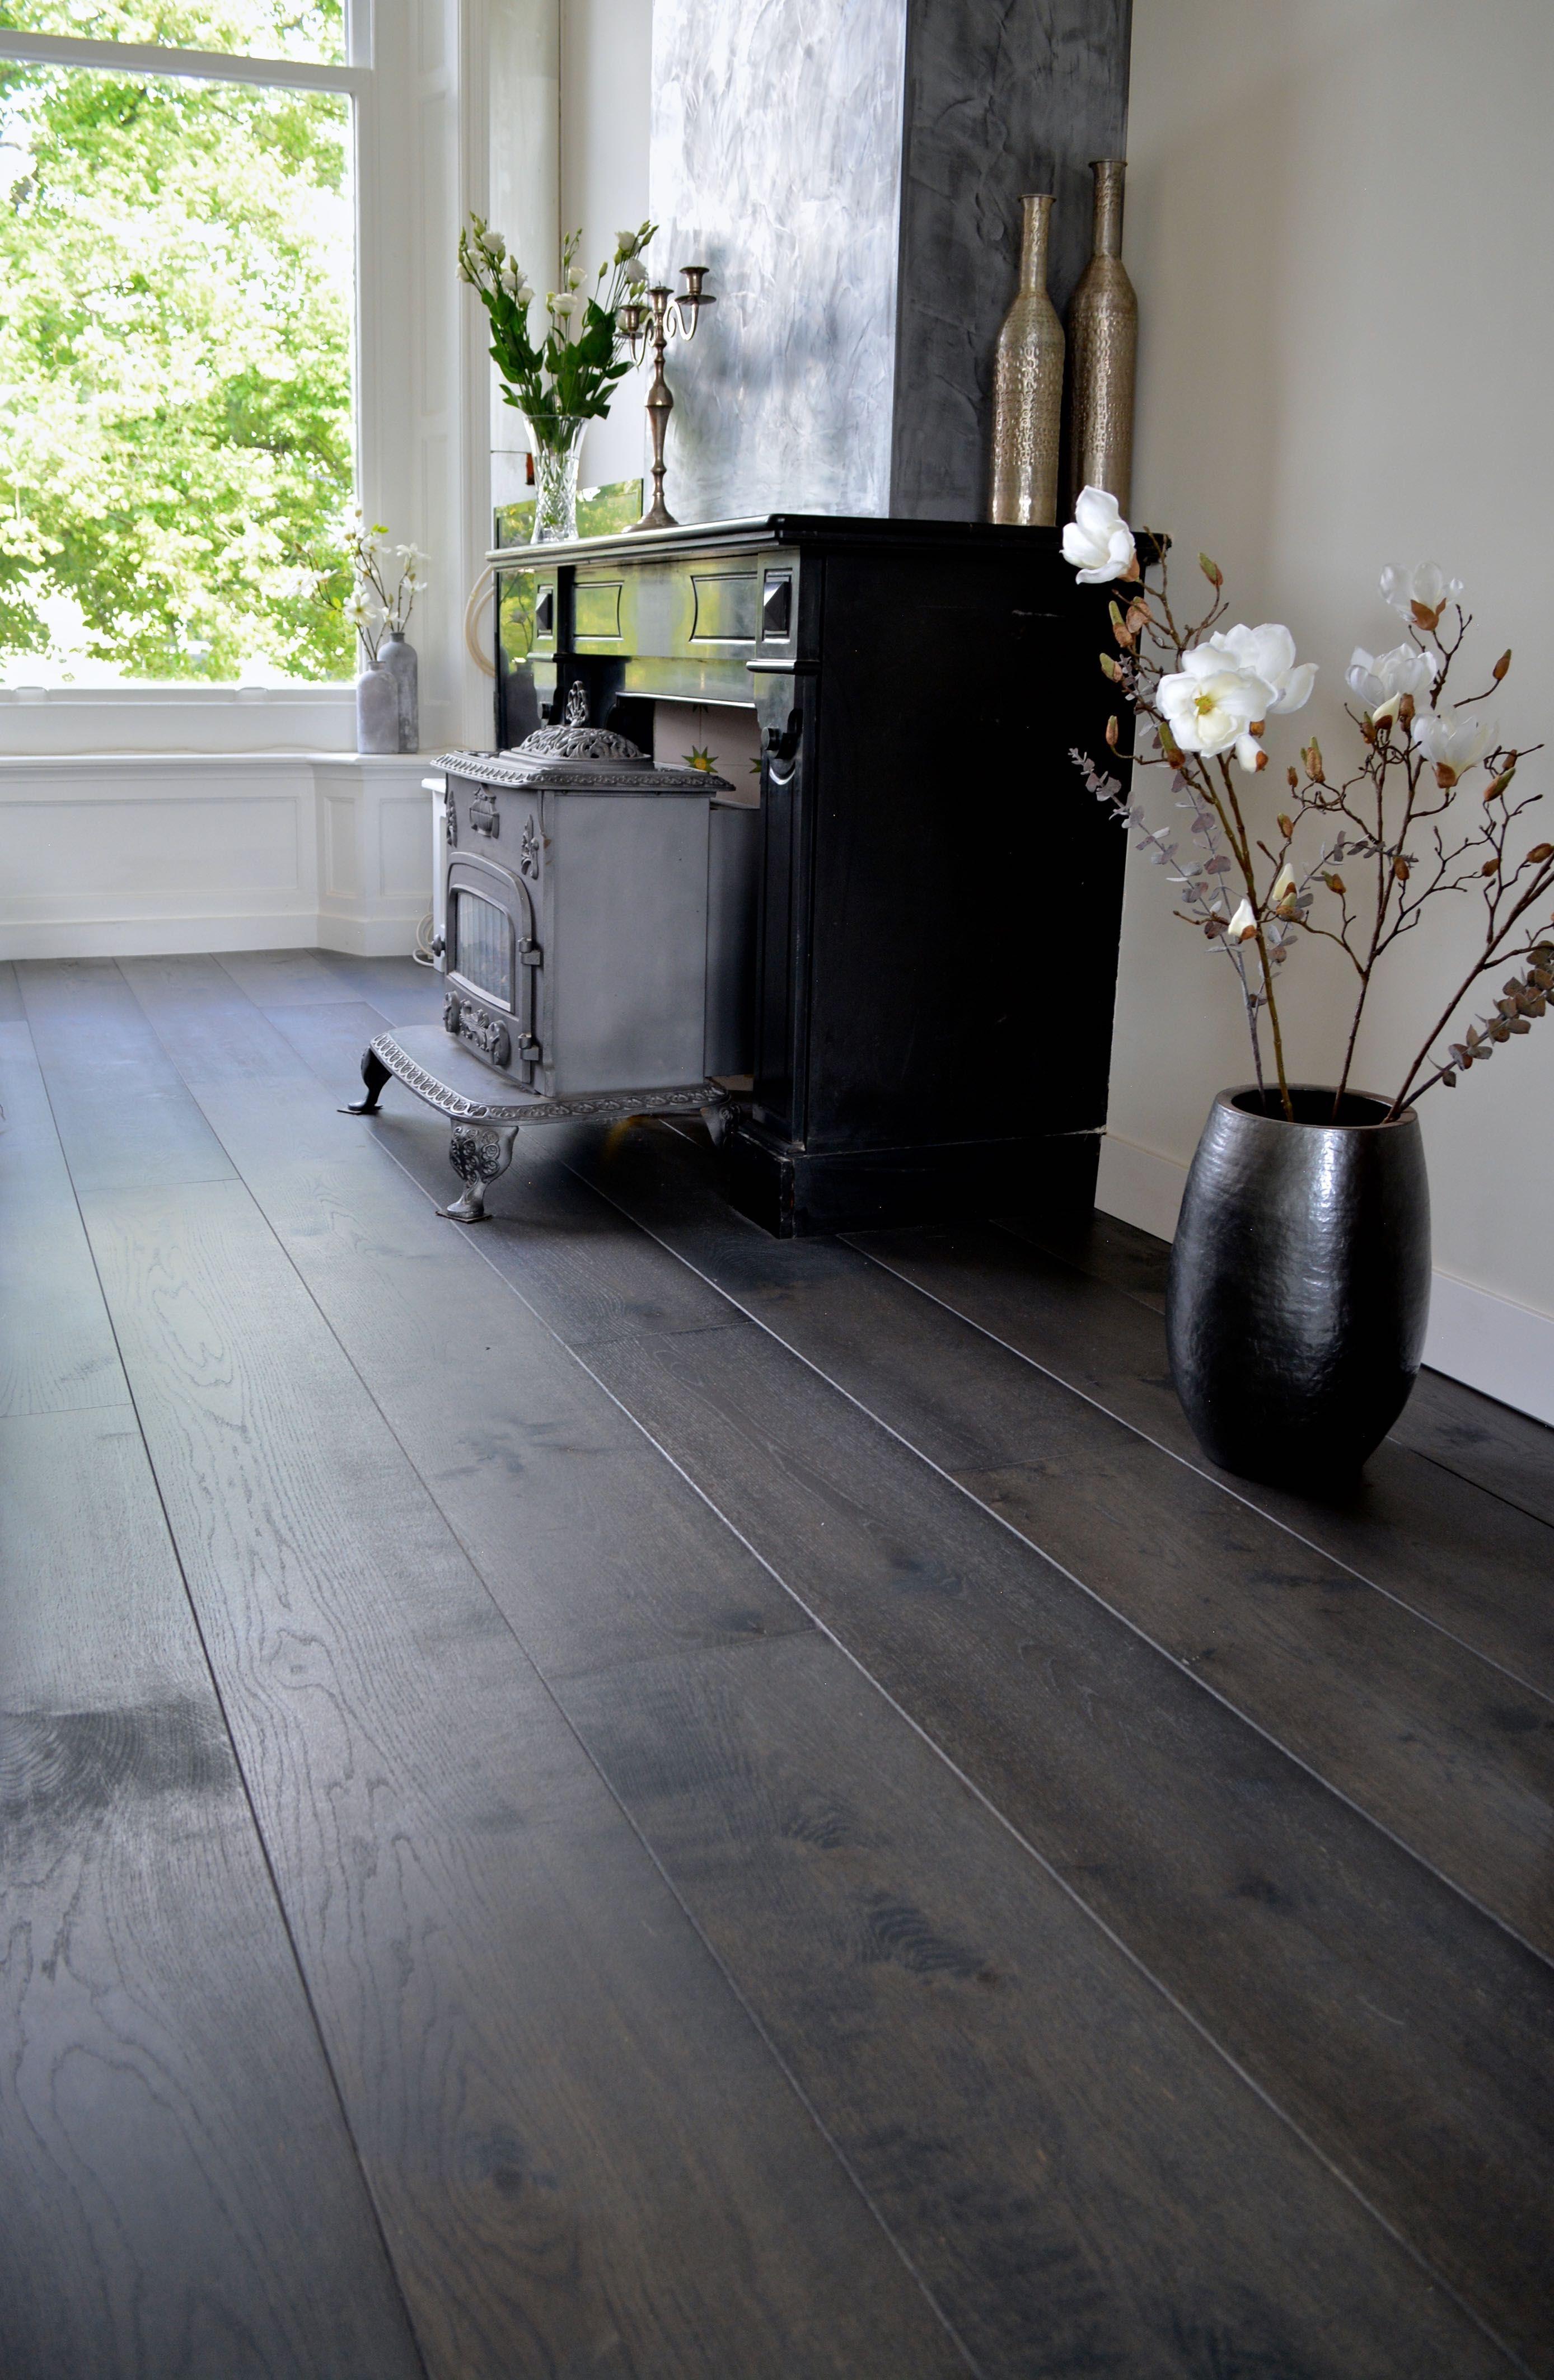 Geliefde Donkere eiken houten vloer | Huis - Flooring, Living room modern @TZ06